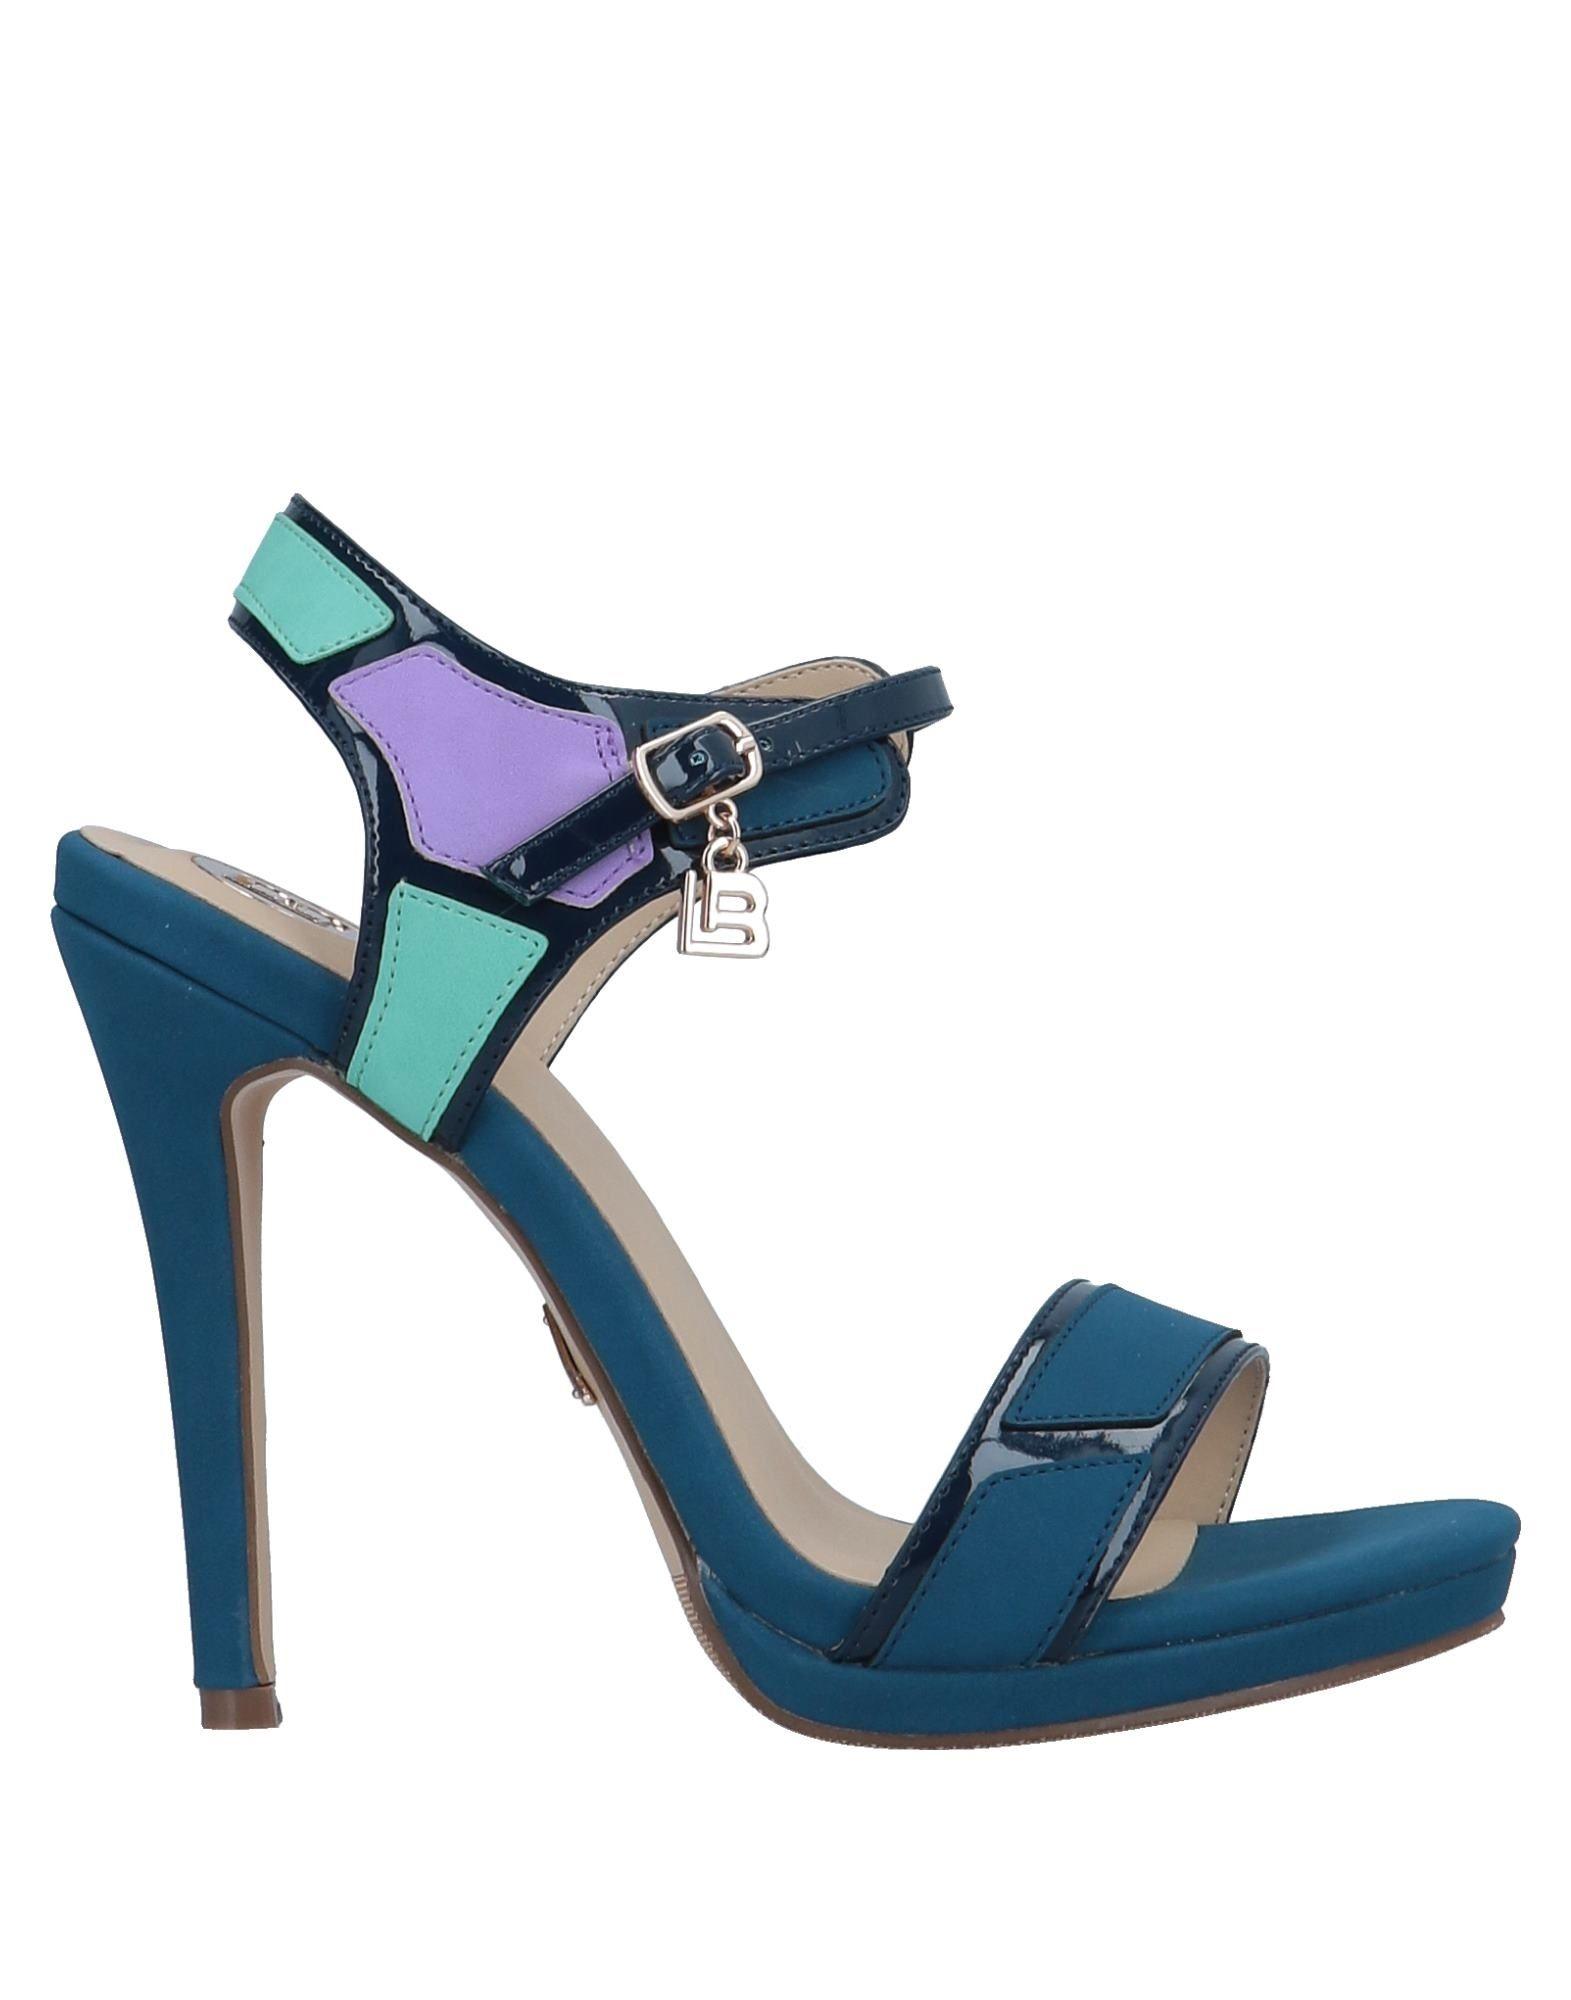 Laura Biagiotti Sandals - Women Laura  Biagiotti Sandals online on  Laura Australia - 11570772XI 70c92f